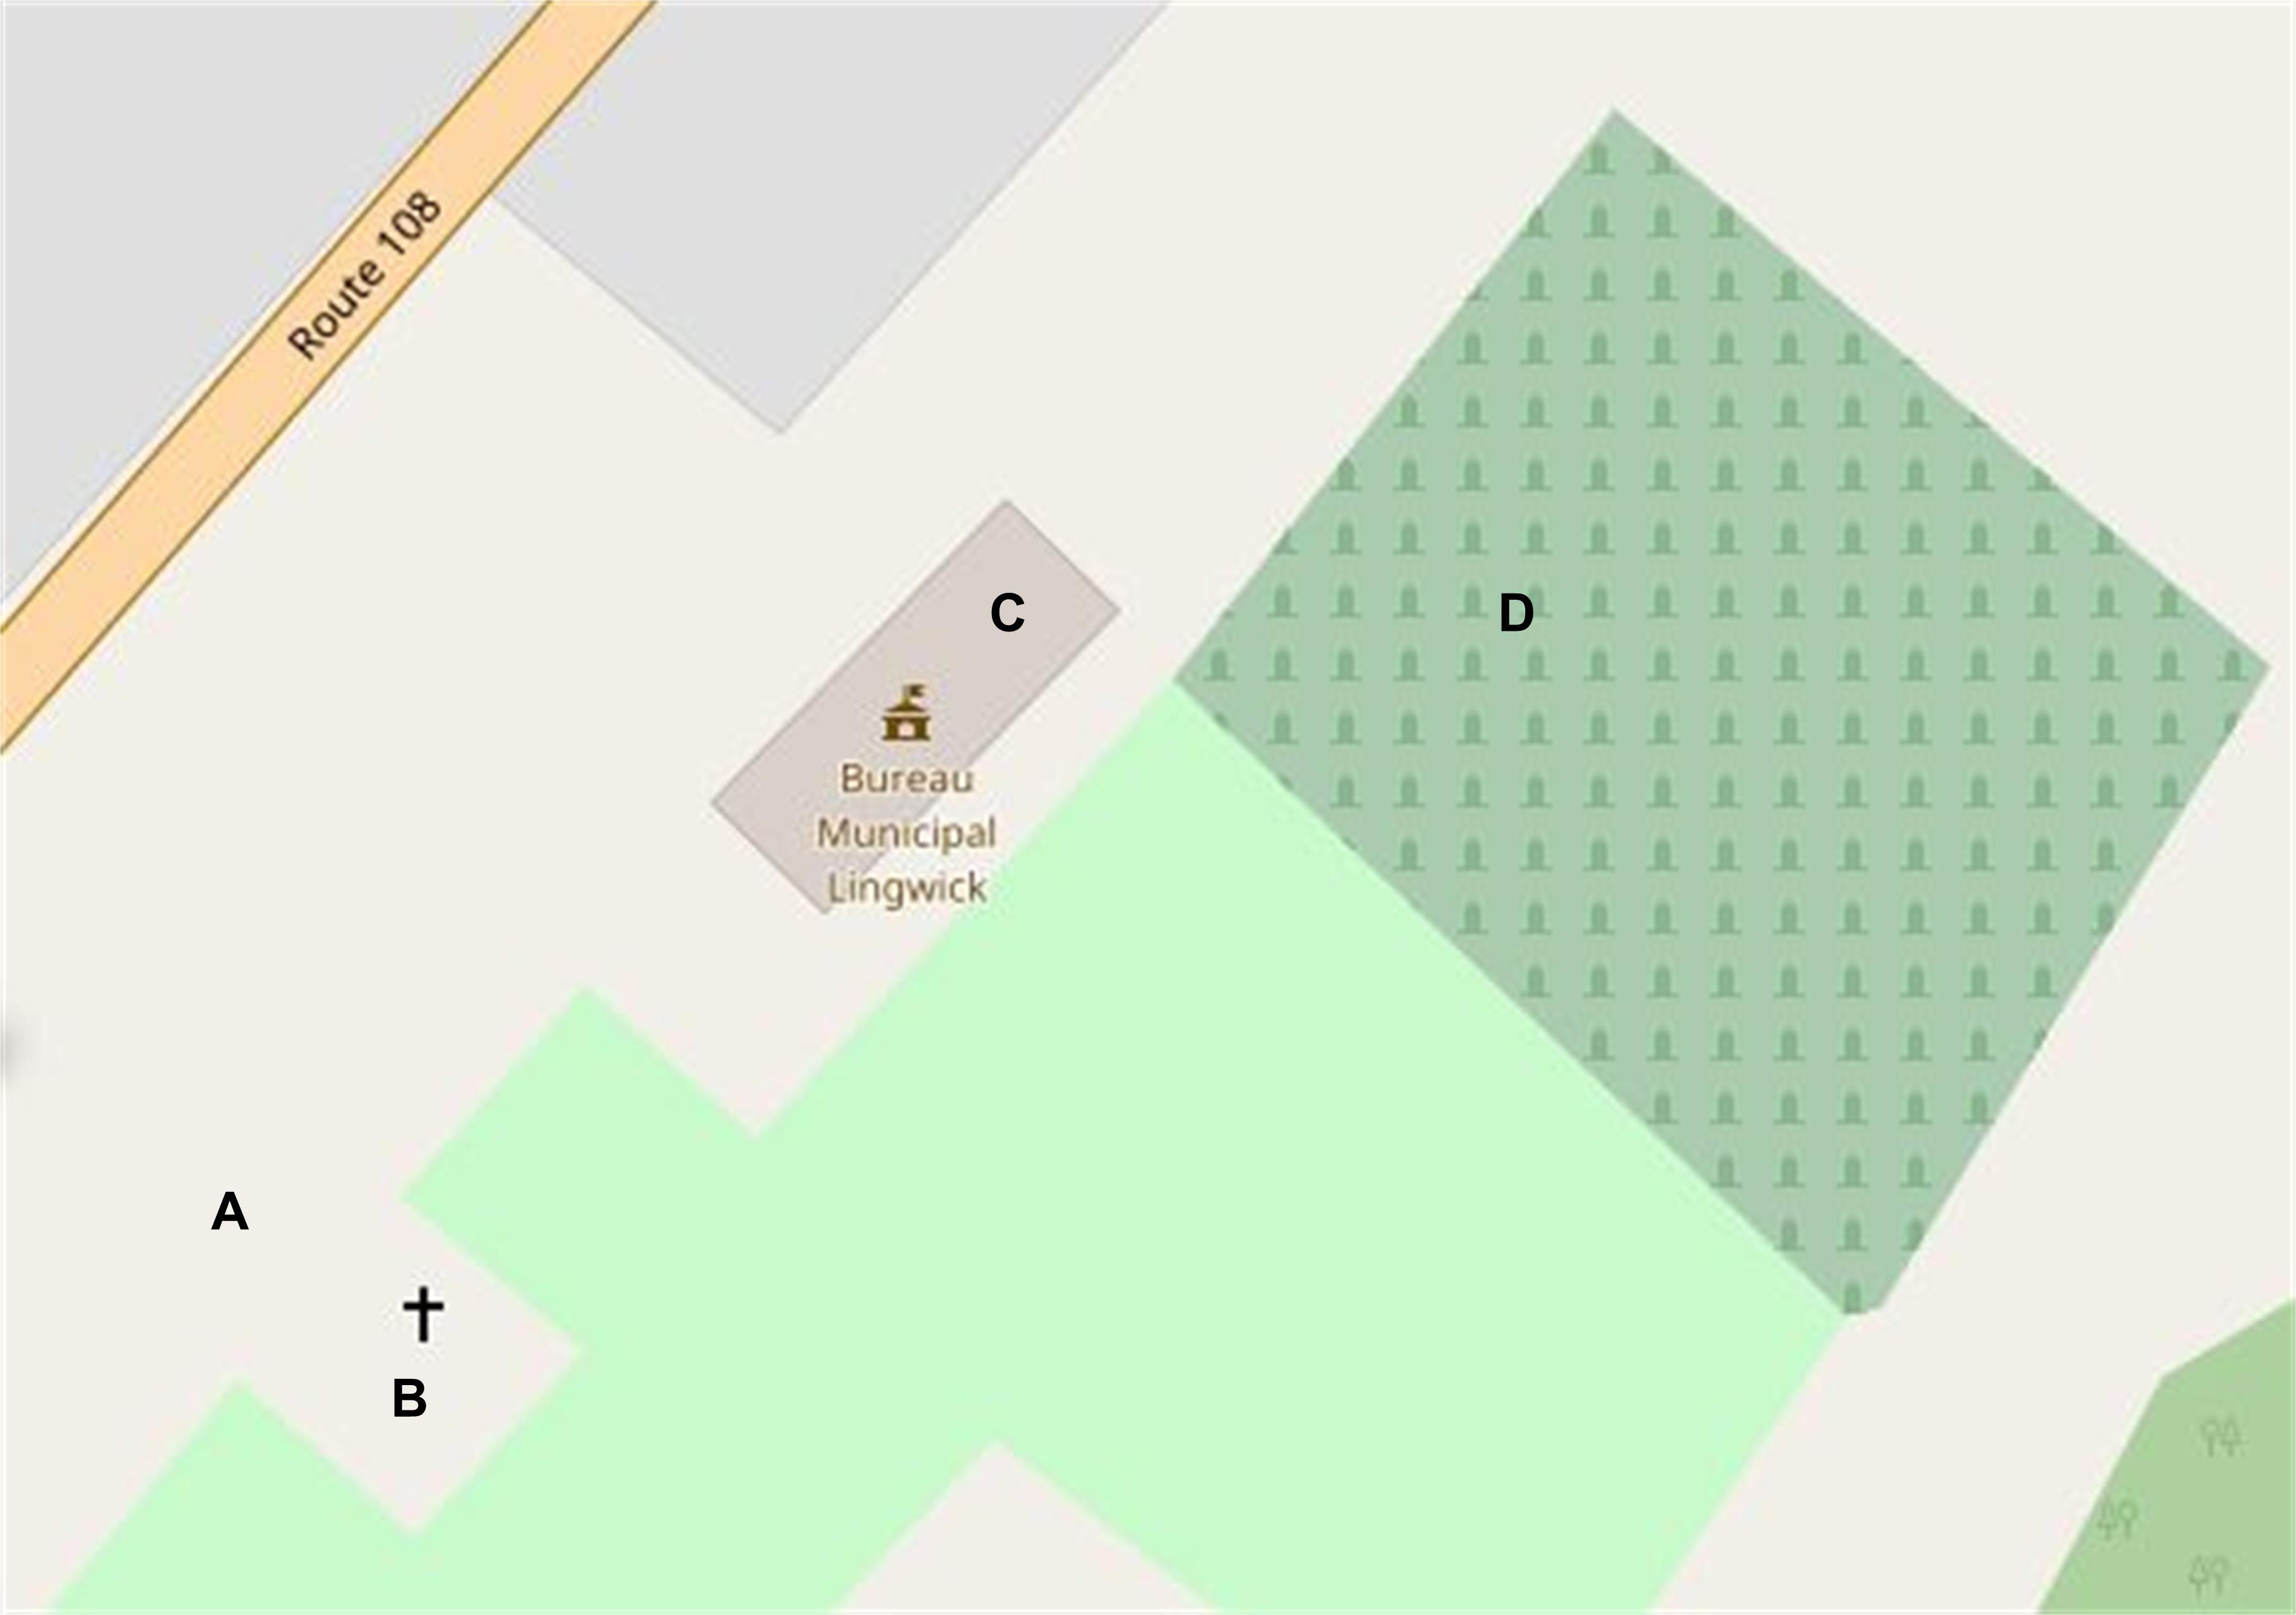 File:site du patrimoine de sainte marguerite de lingwick carte.jpg